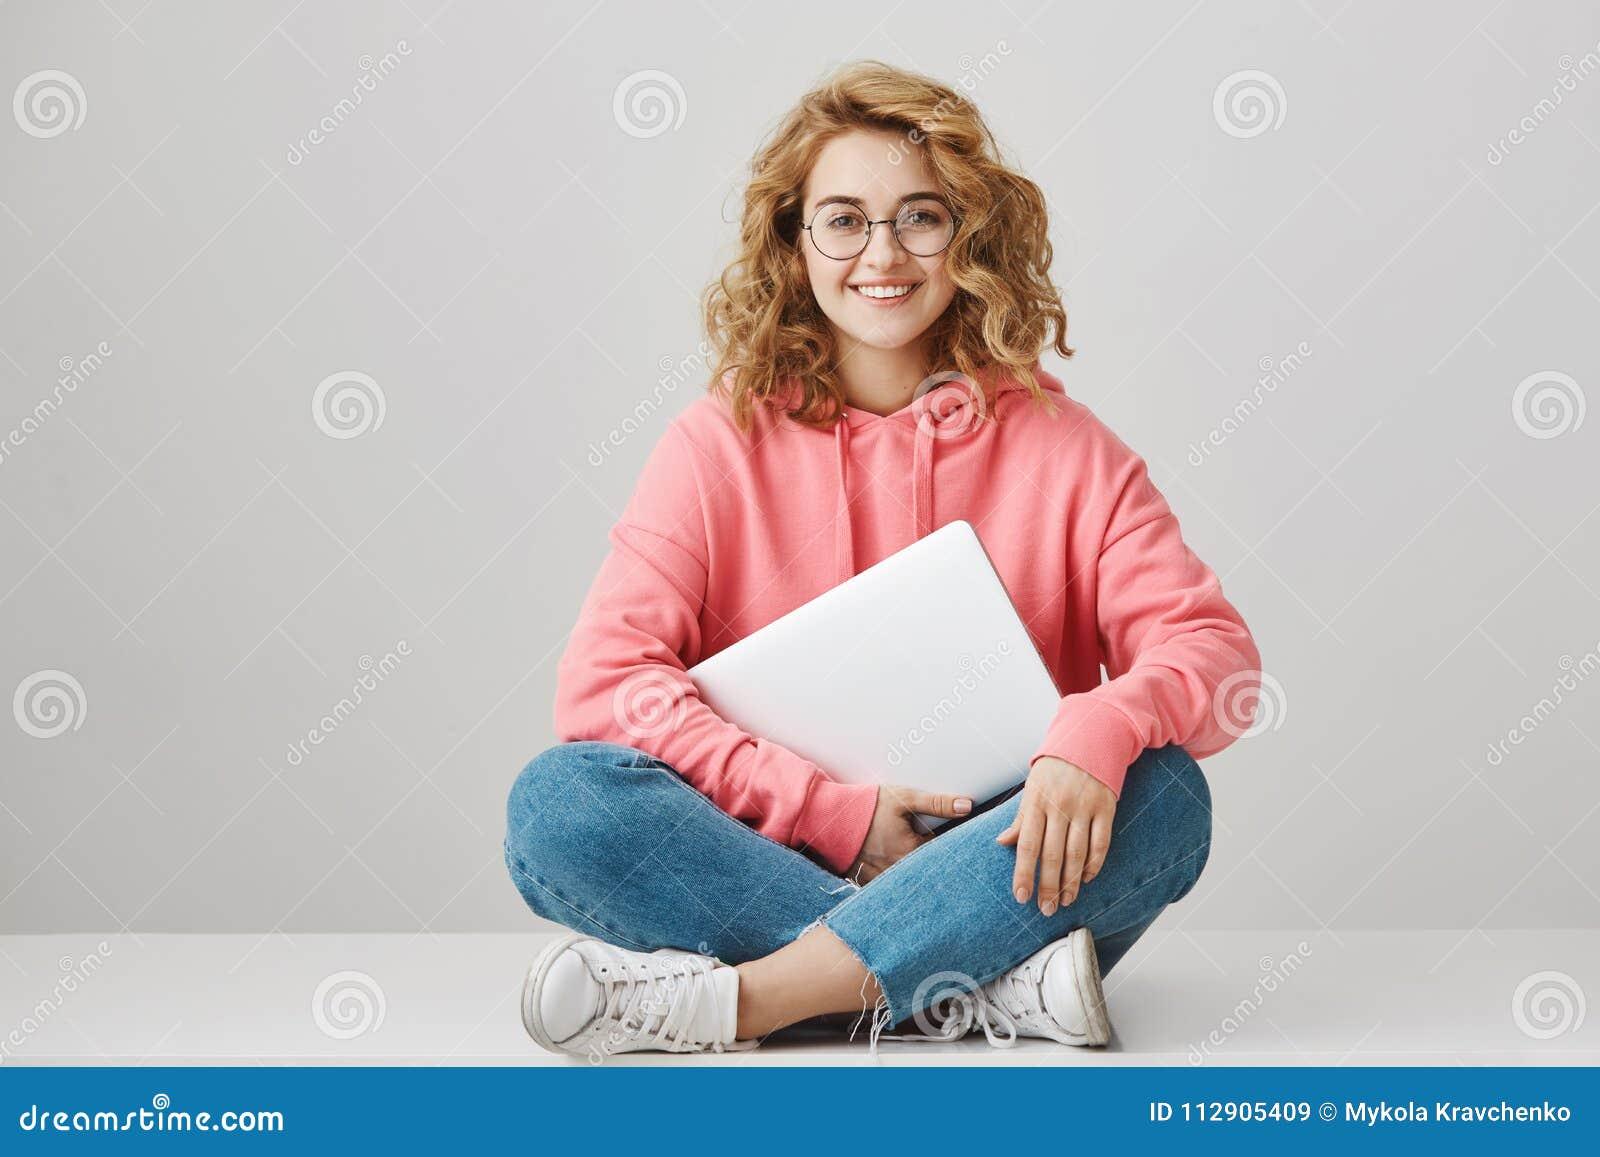 a332e8e80 Jovem mulher inteligente com o cabelo encaracolado que senta-se no assoalho  com pés cruzados